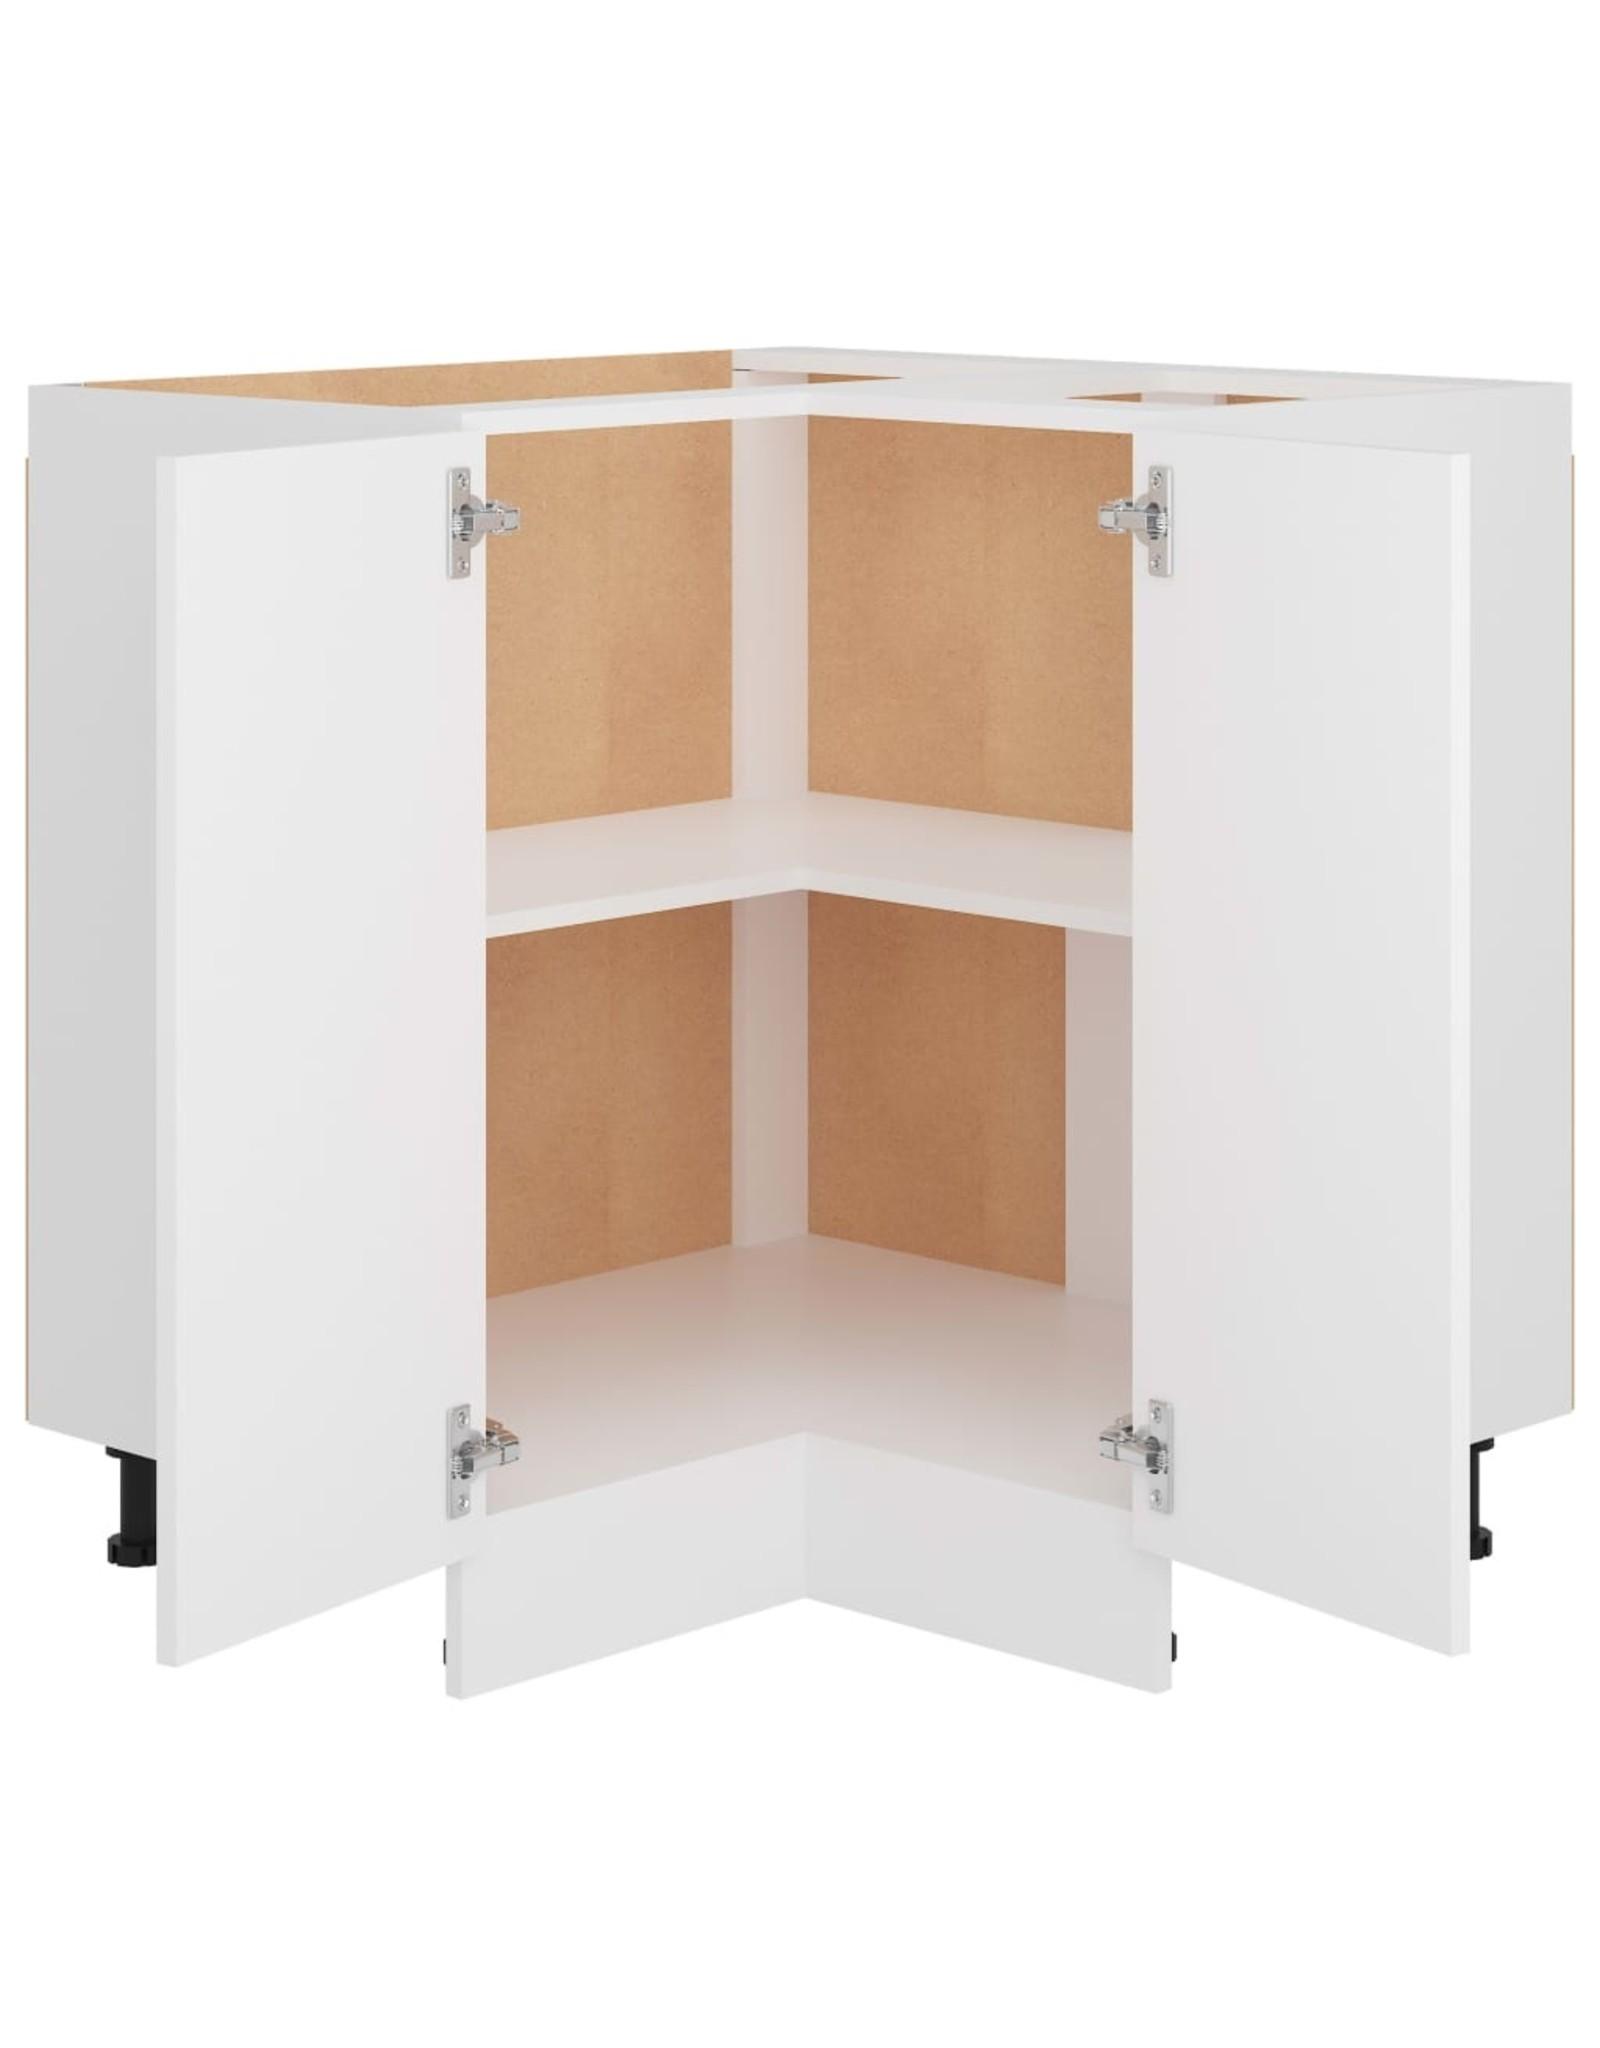 Hoekonderkast 75,5x75,5x80,5 cm spaanplaat wit